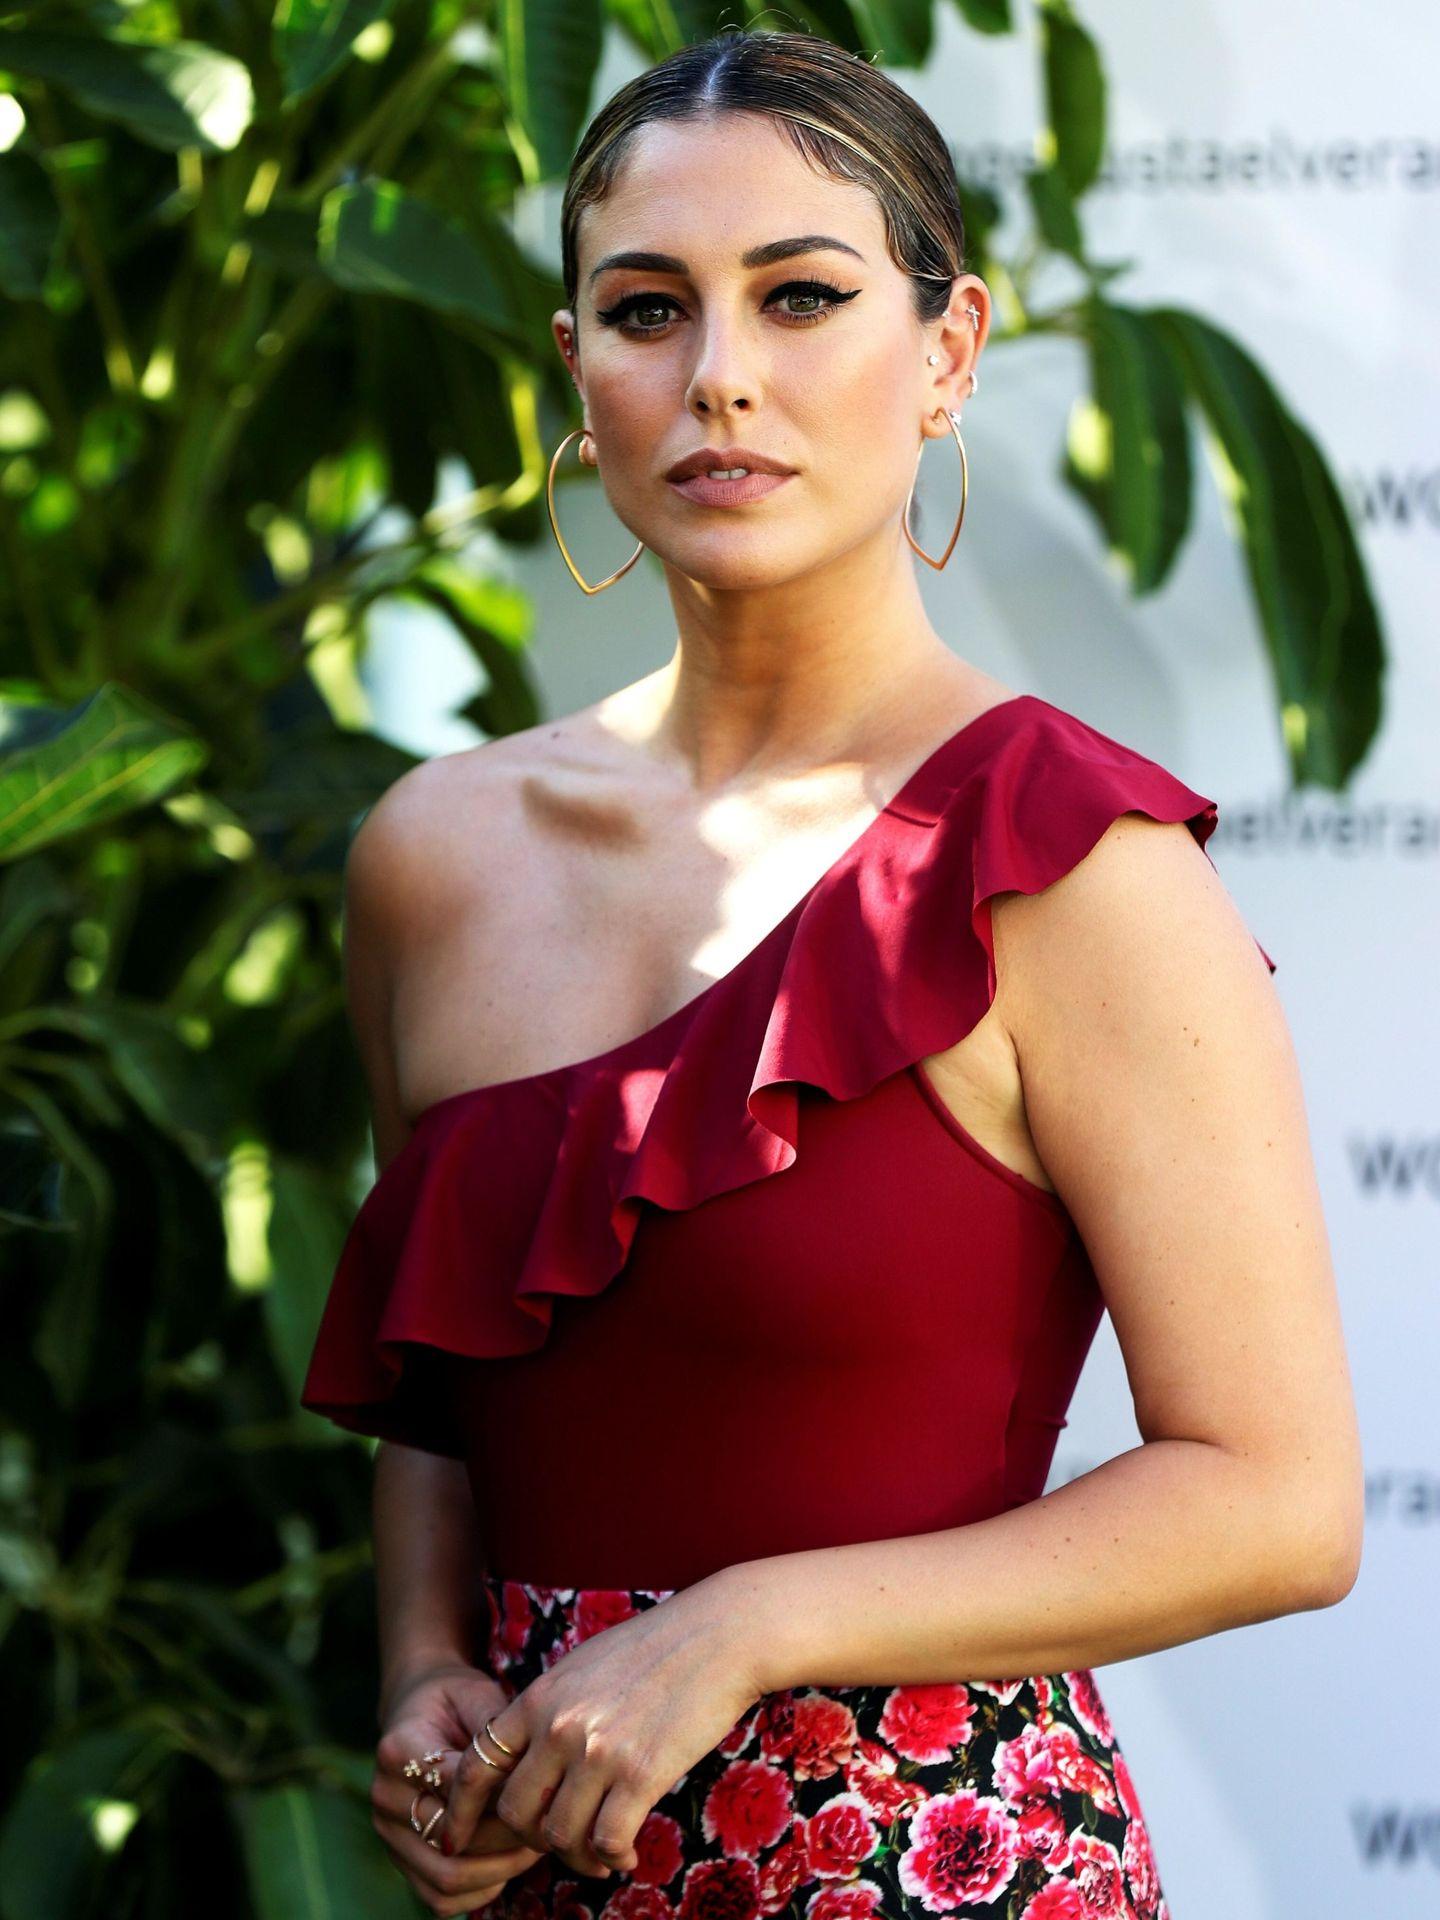 La actriz Blanca Suárez con bañador de Women'Secret a modo de top. (EFE)